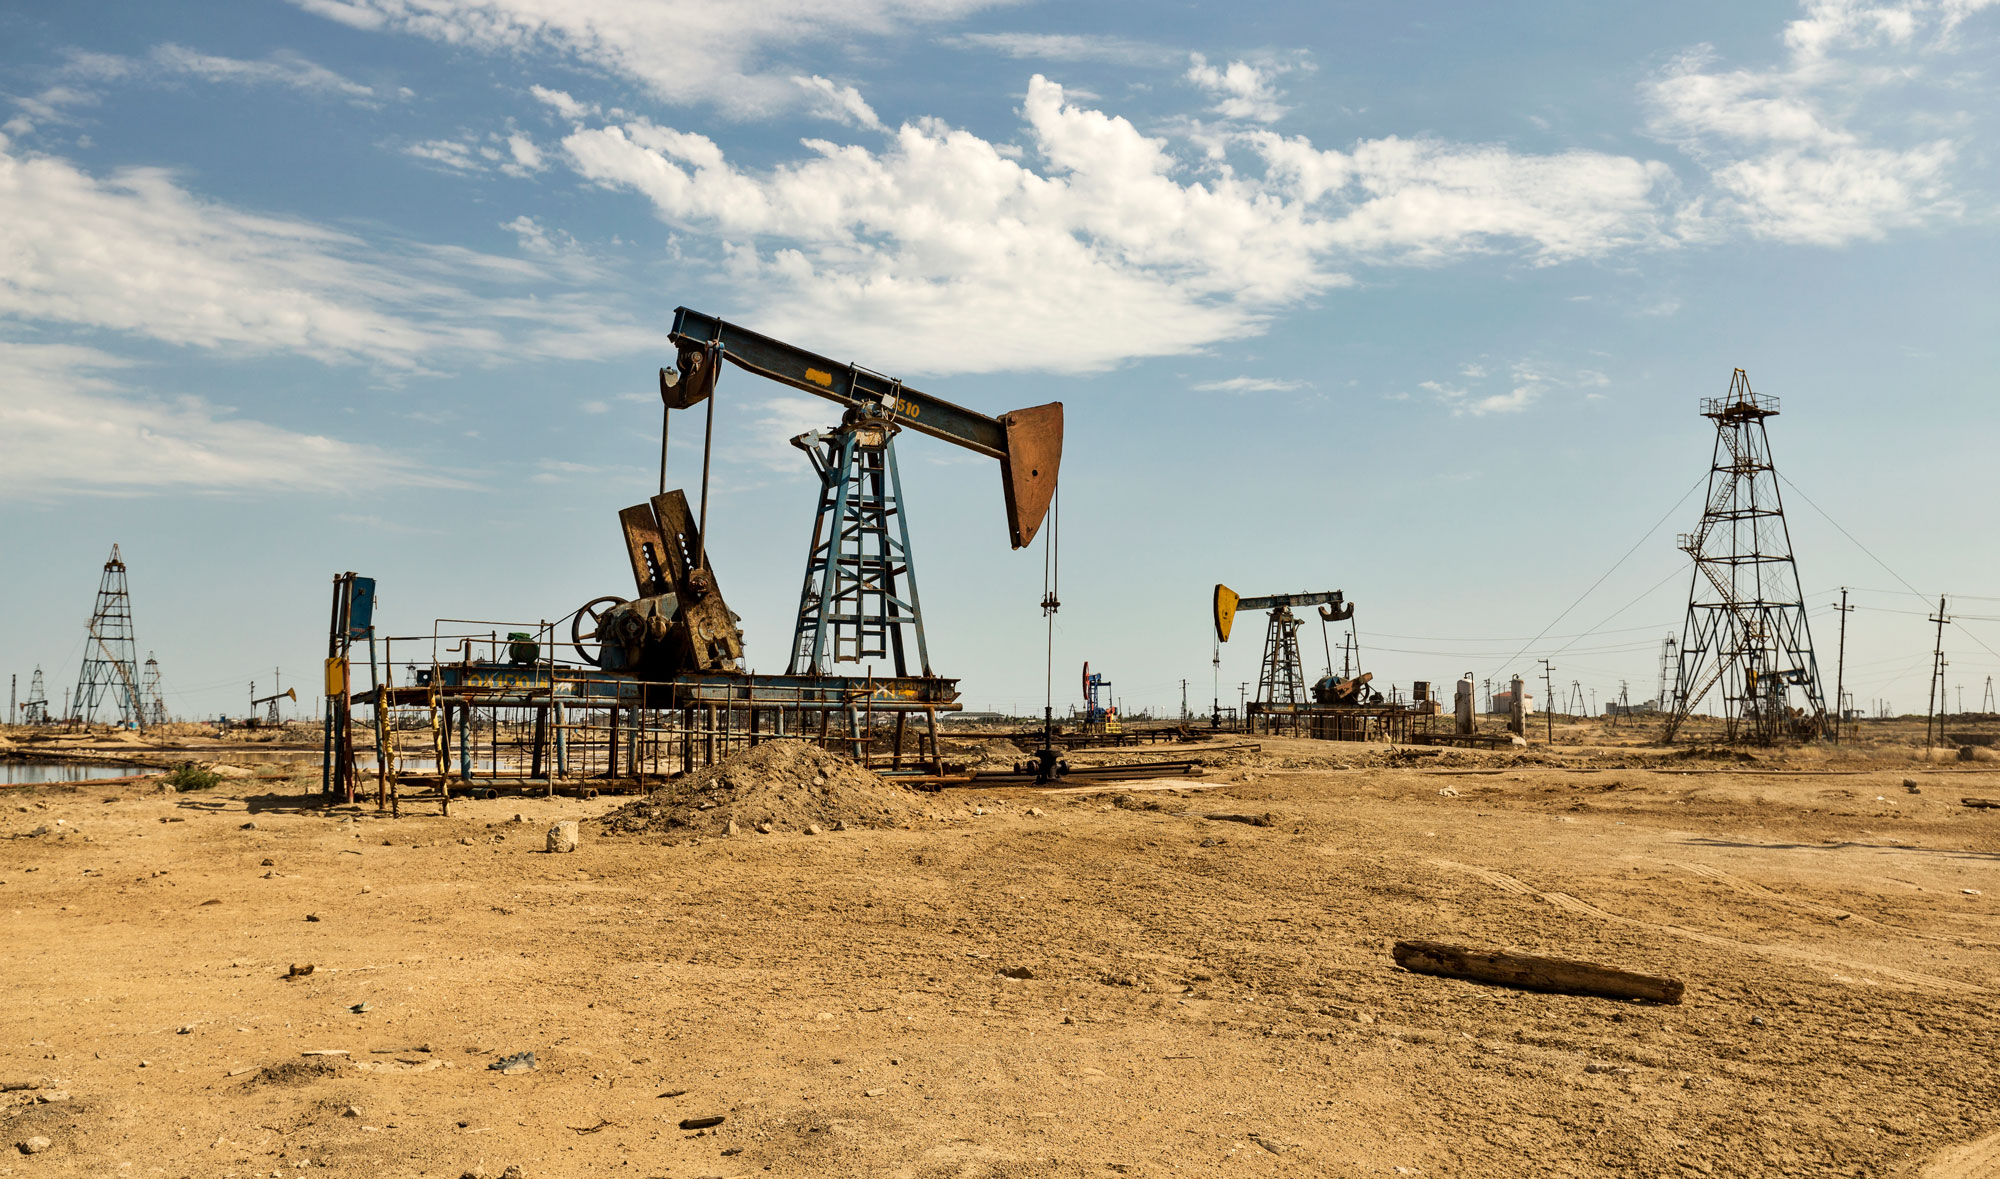 Oil fields in Baku, Azerbaijan